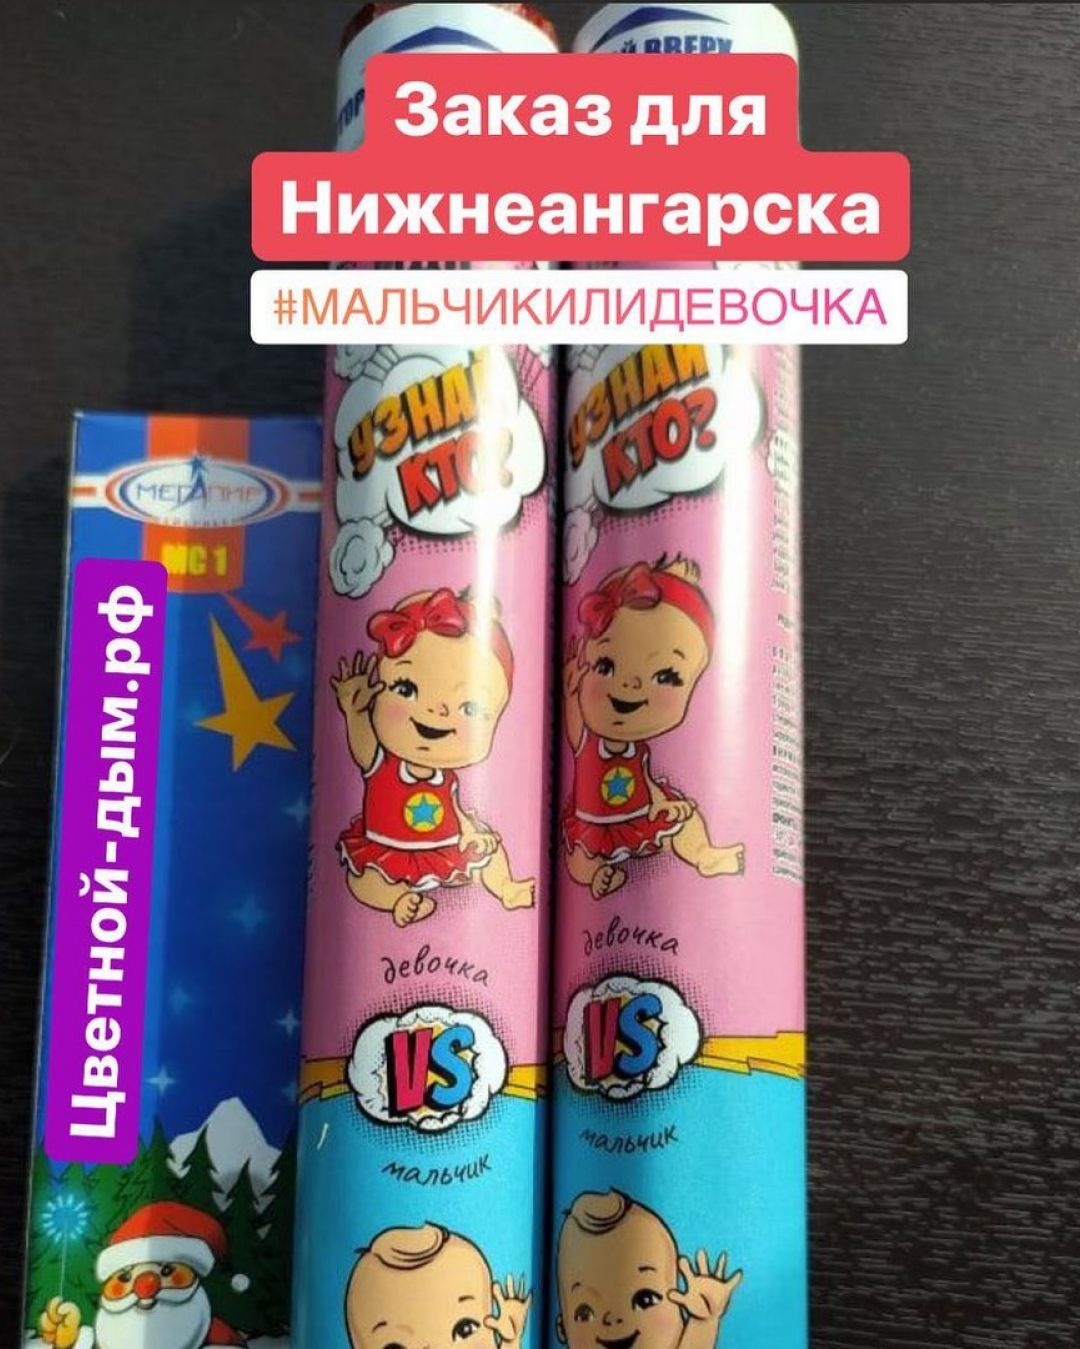 Угадывание пола ребенка отправка дыма - Цветной-дым.рф отзывы